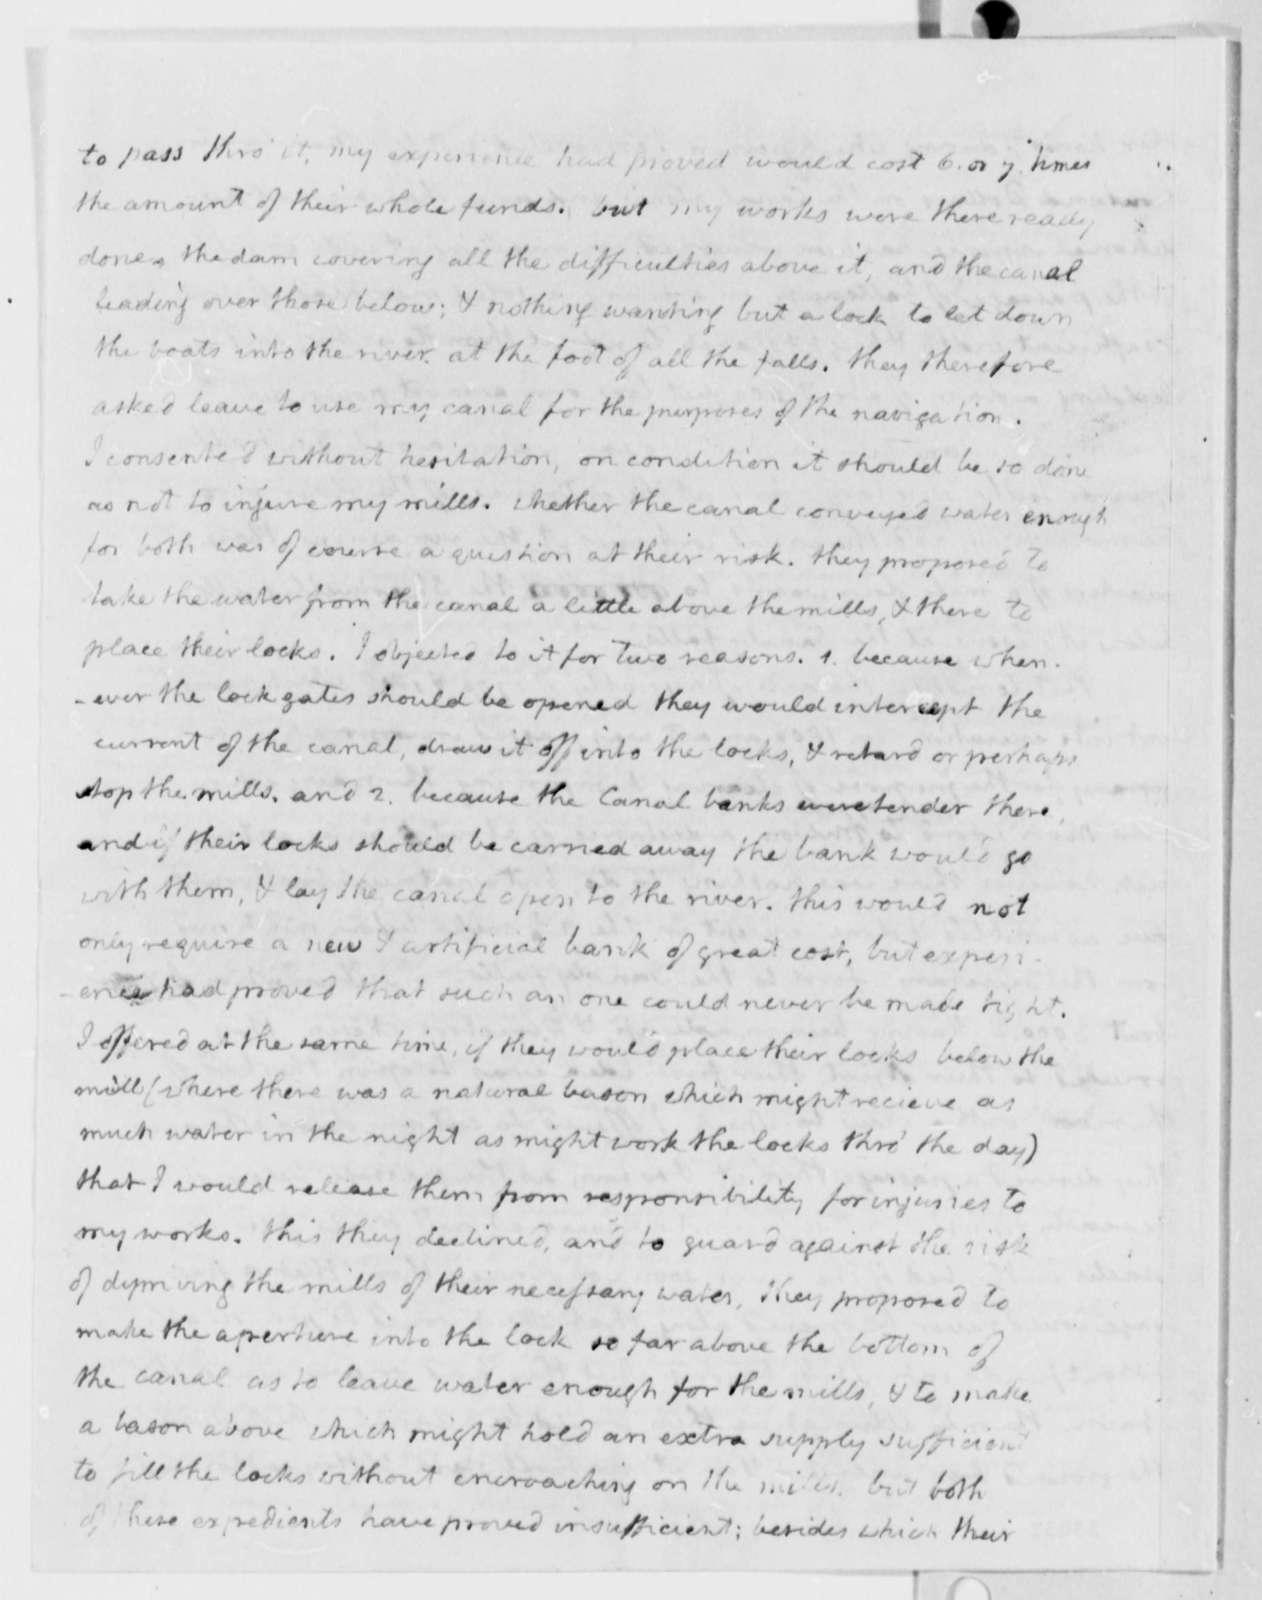 Thomas Jefferson to Philip P. Barbour, January 4, 1813